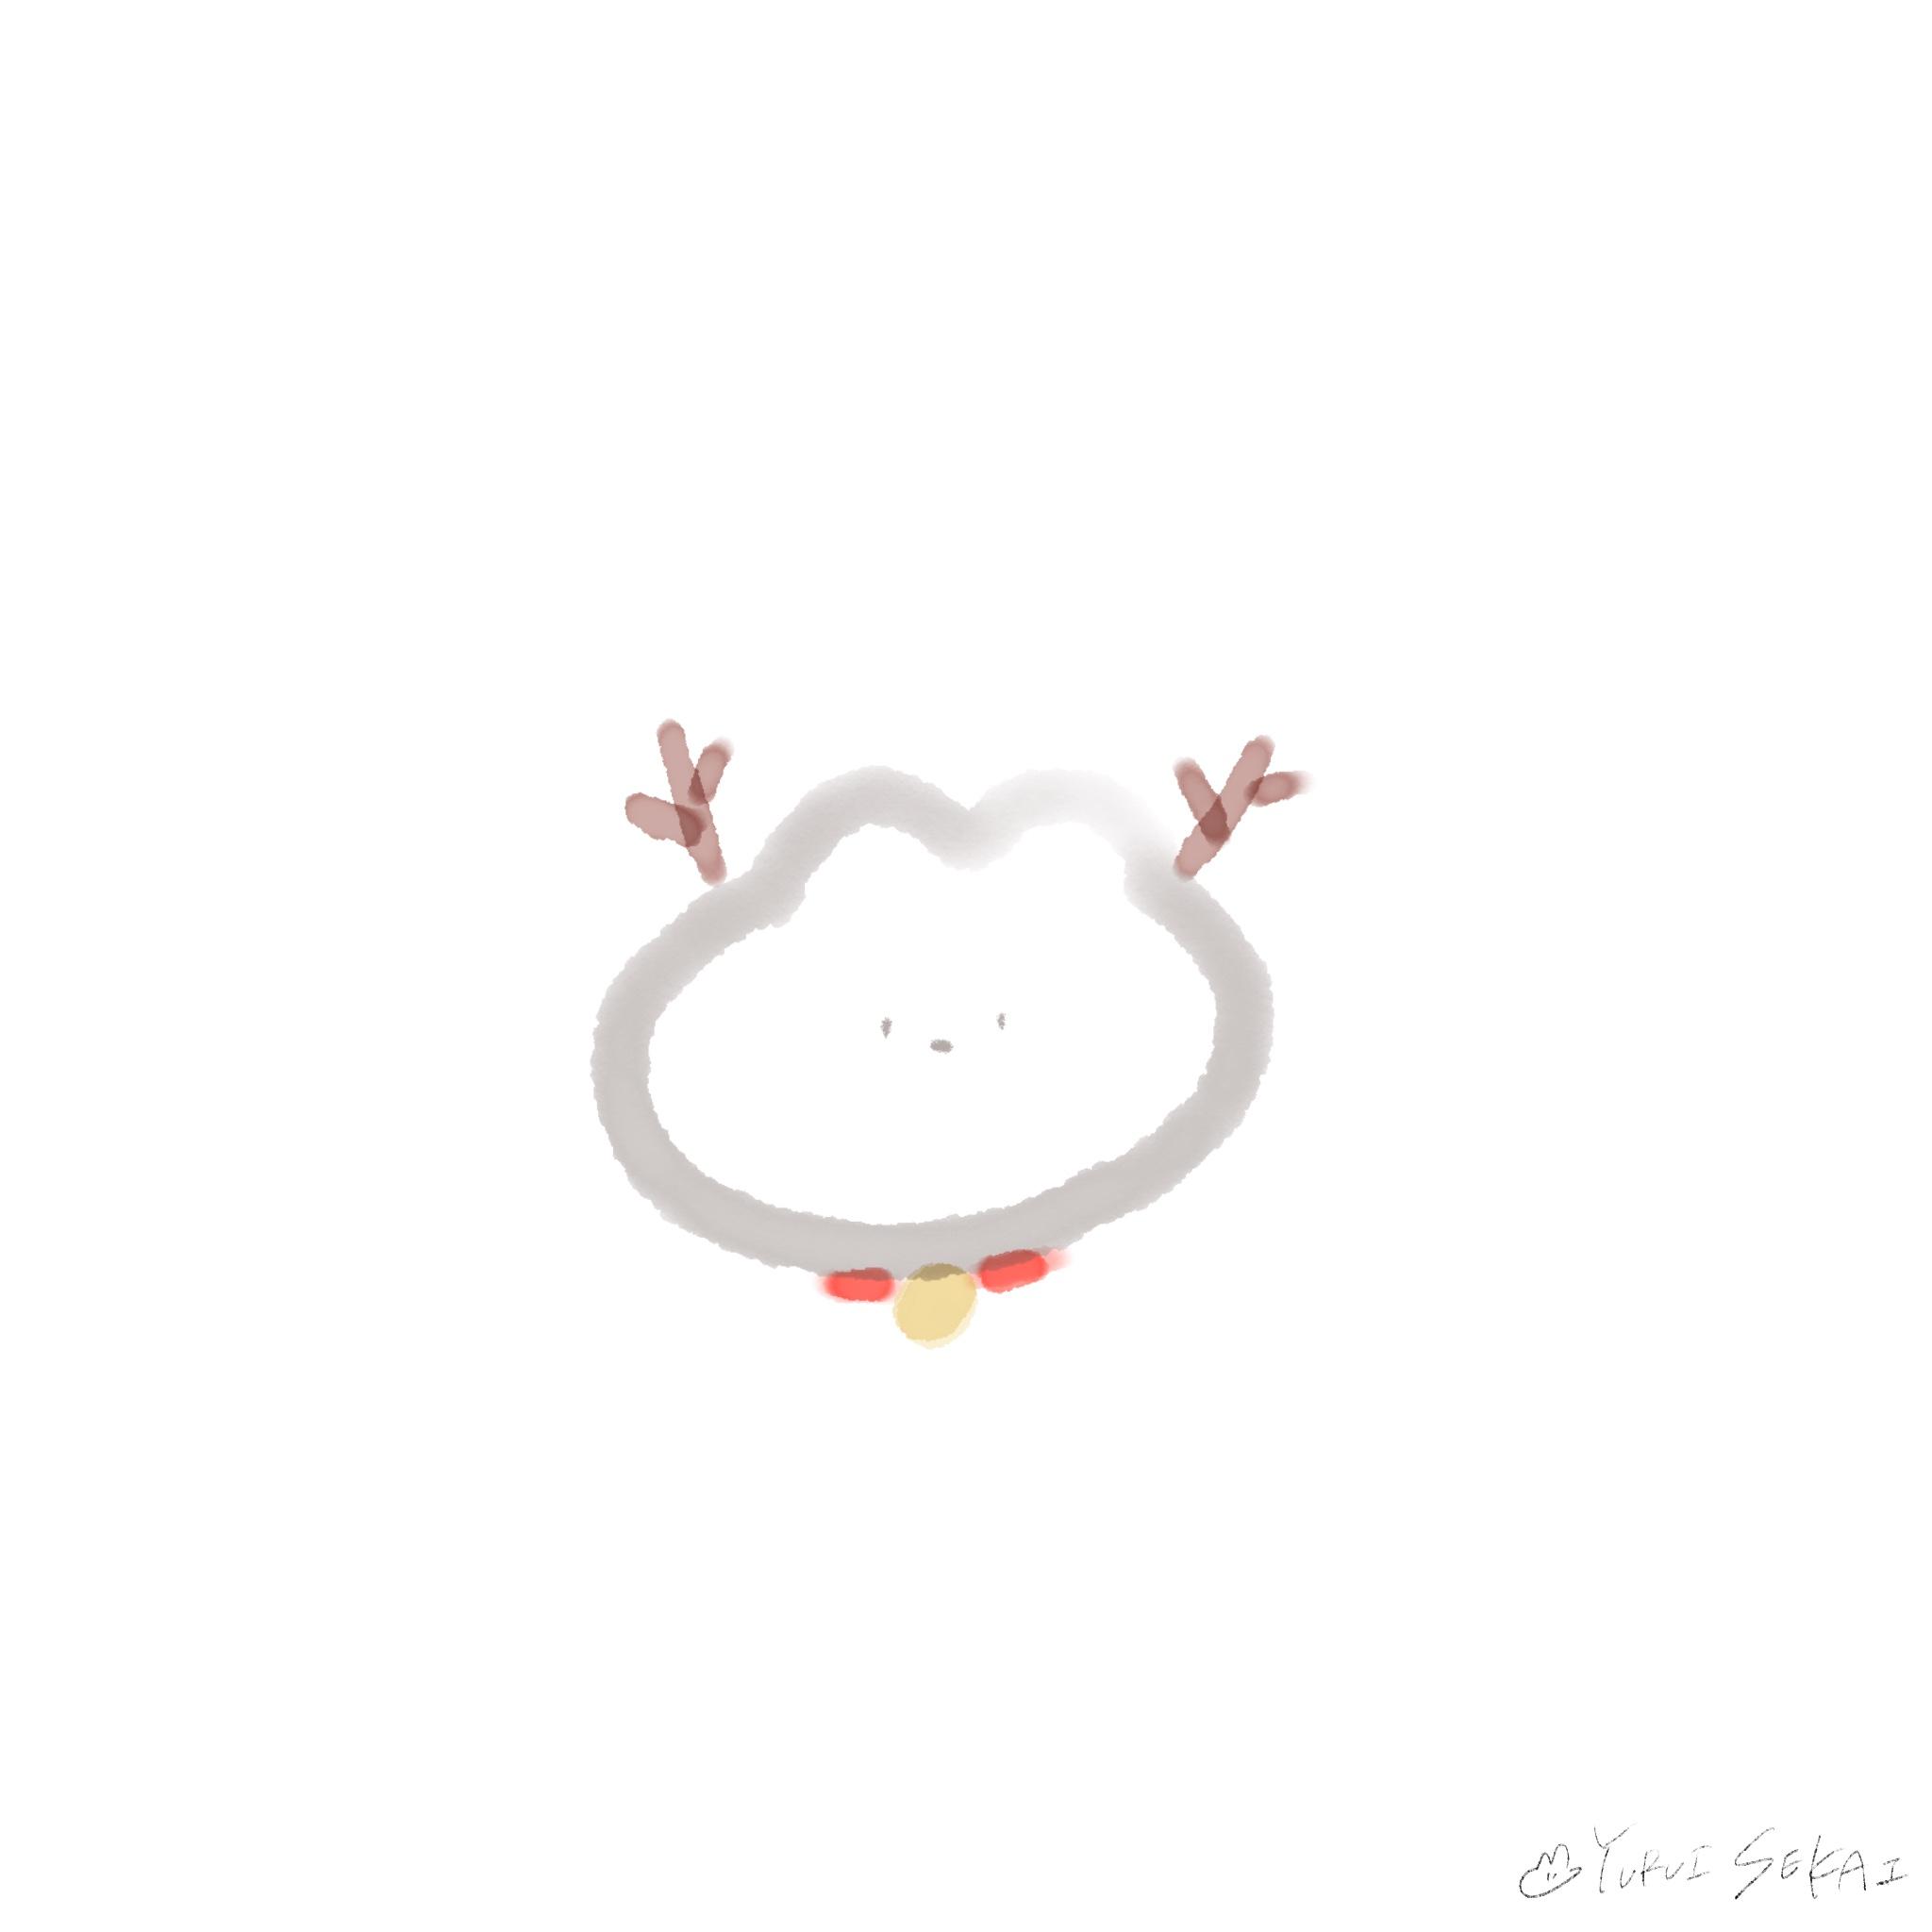 【クリスマスのフリー素材】ゆるいせかいのちいさなイラストの詰め合わせ♡【ゆるいイラスト】クリスマストナカイ